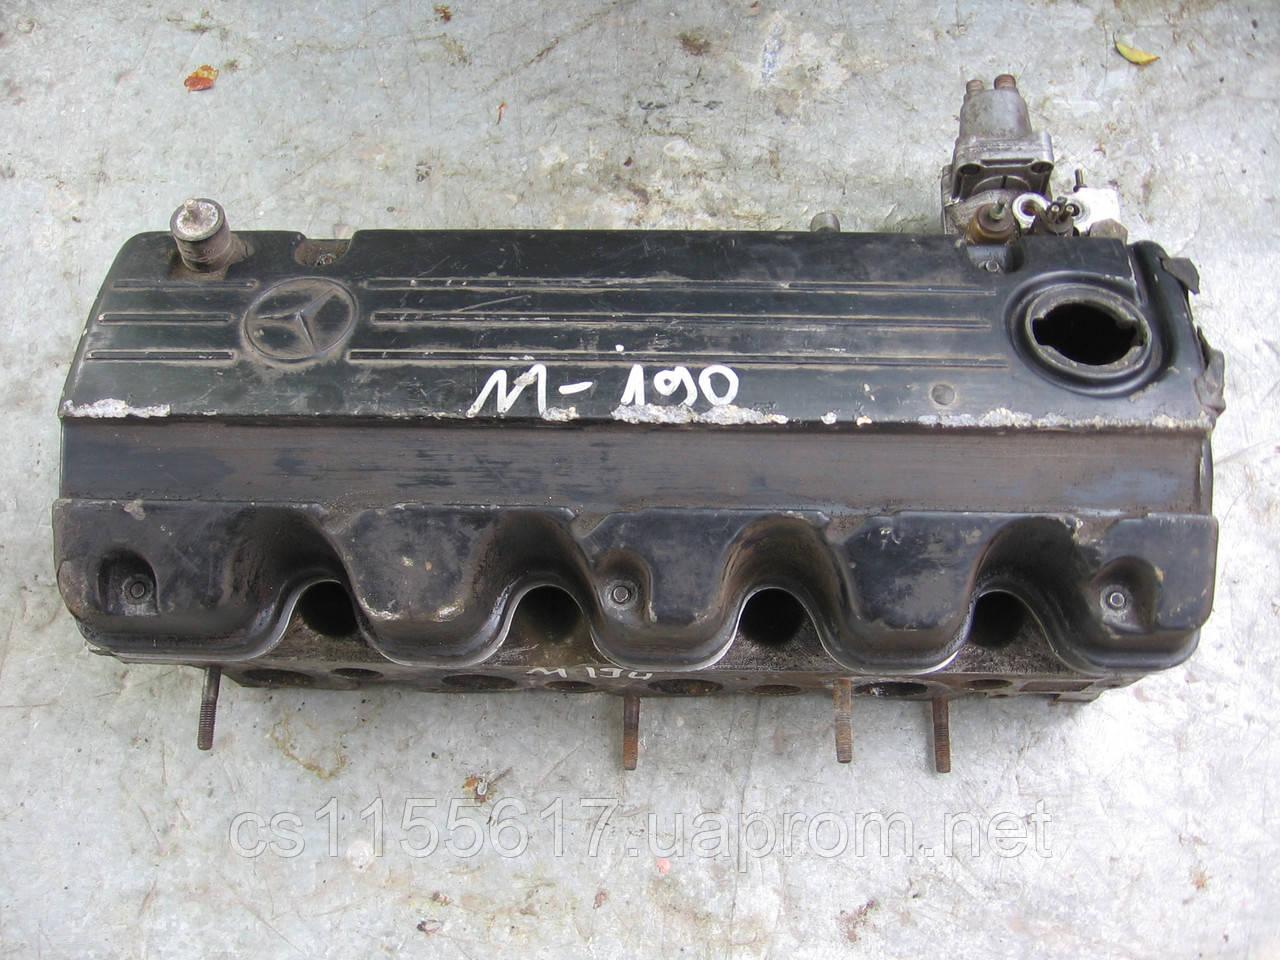 Головка блока цилиндров б/у на  Mercedes 190 (W201) 2.0 год 1982-1993